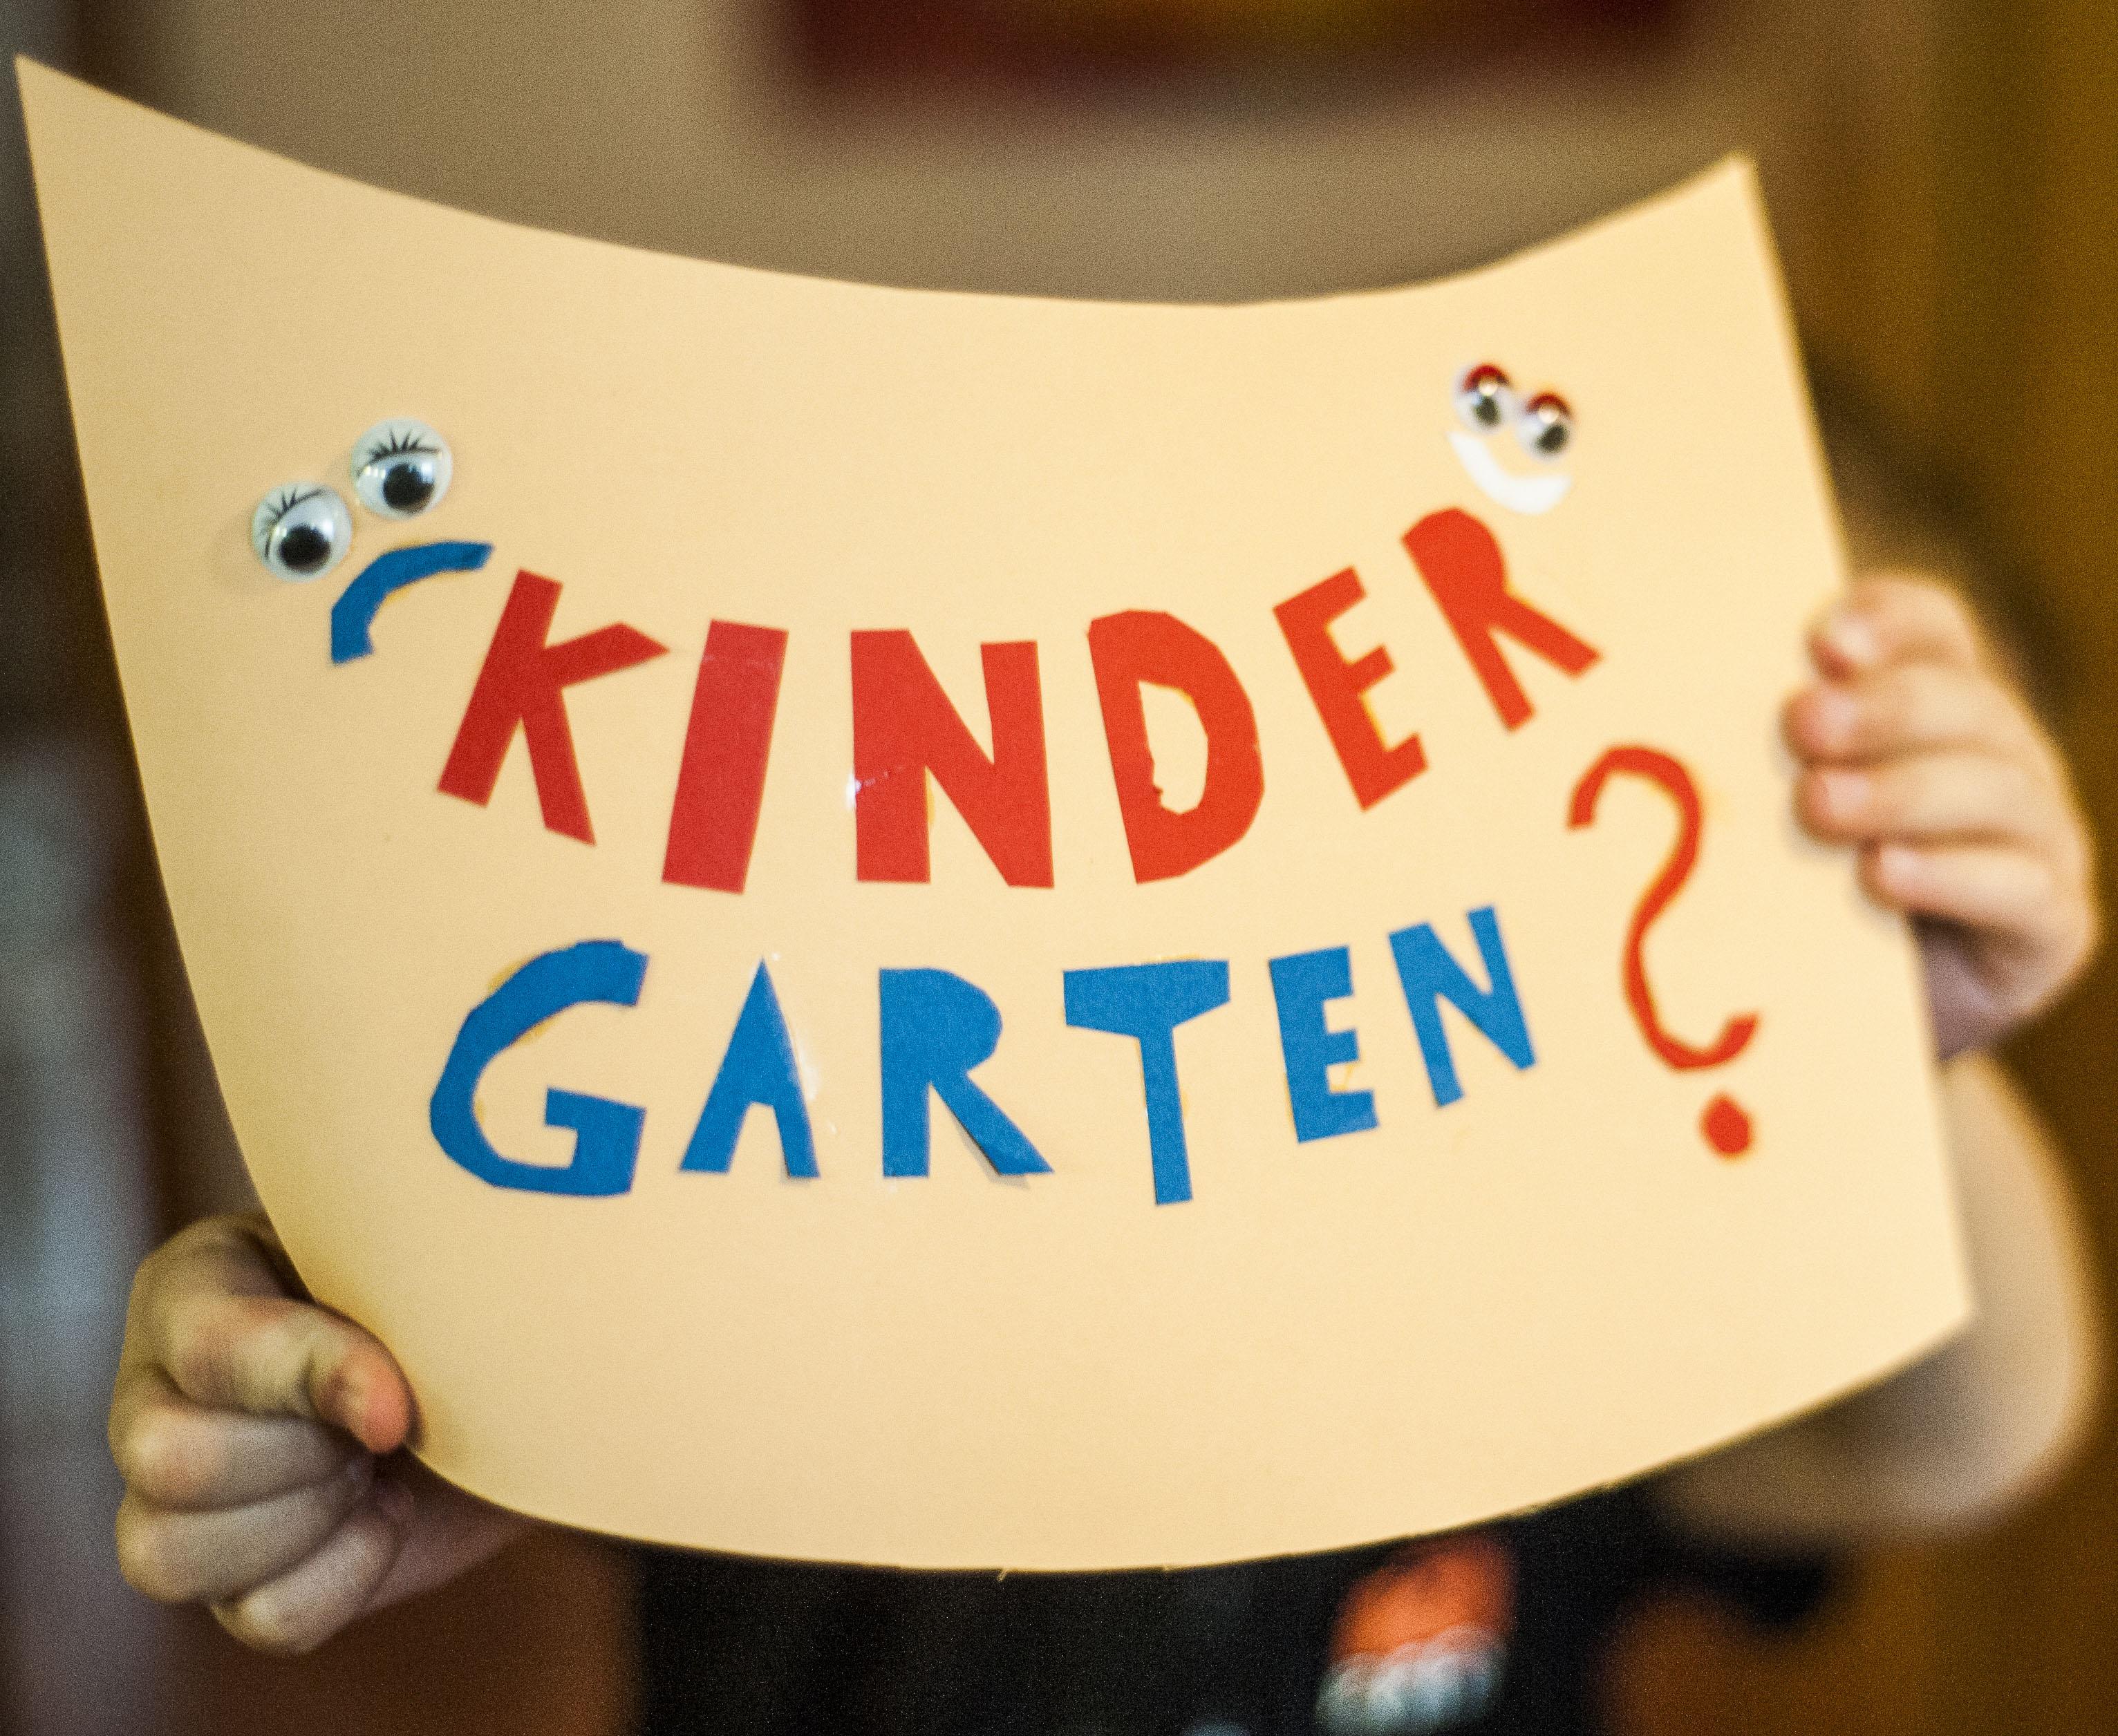 Kindergartenanmeldung steht bevor: warum bin ICH nervös?